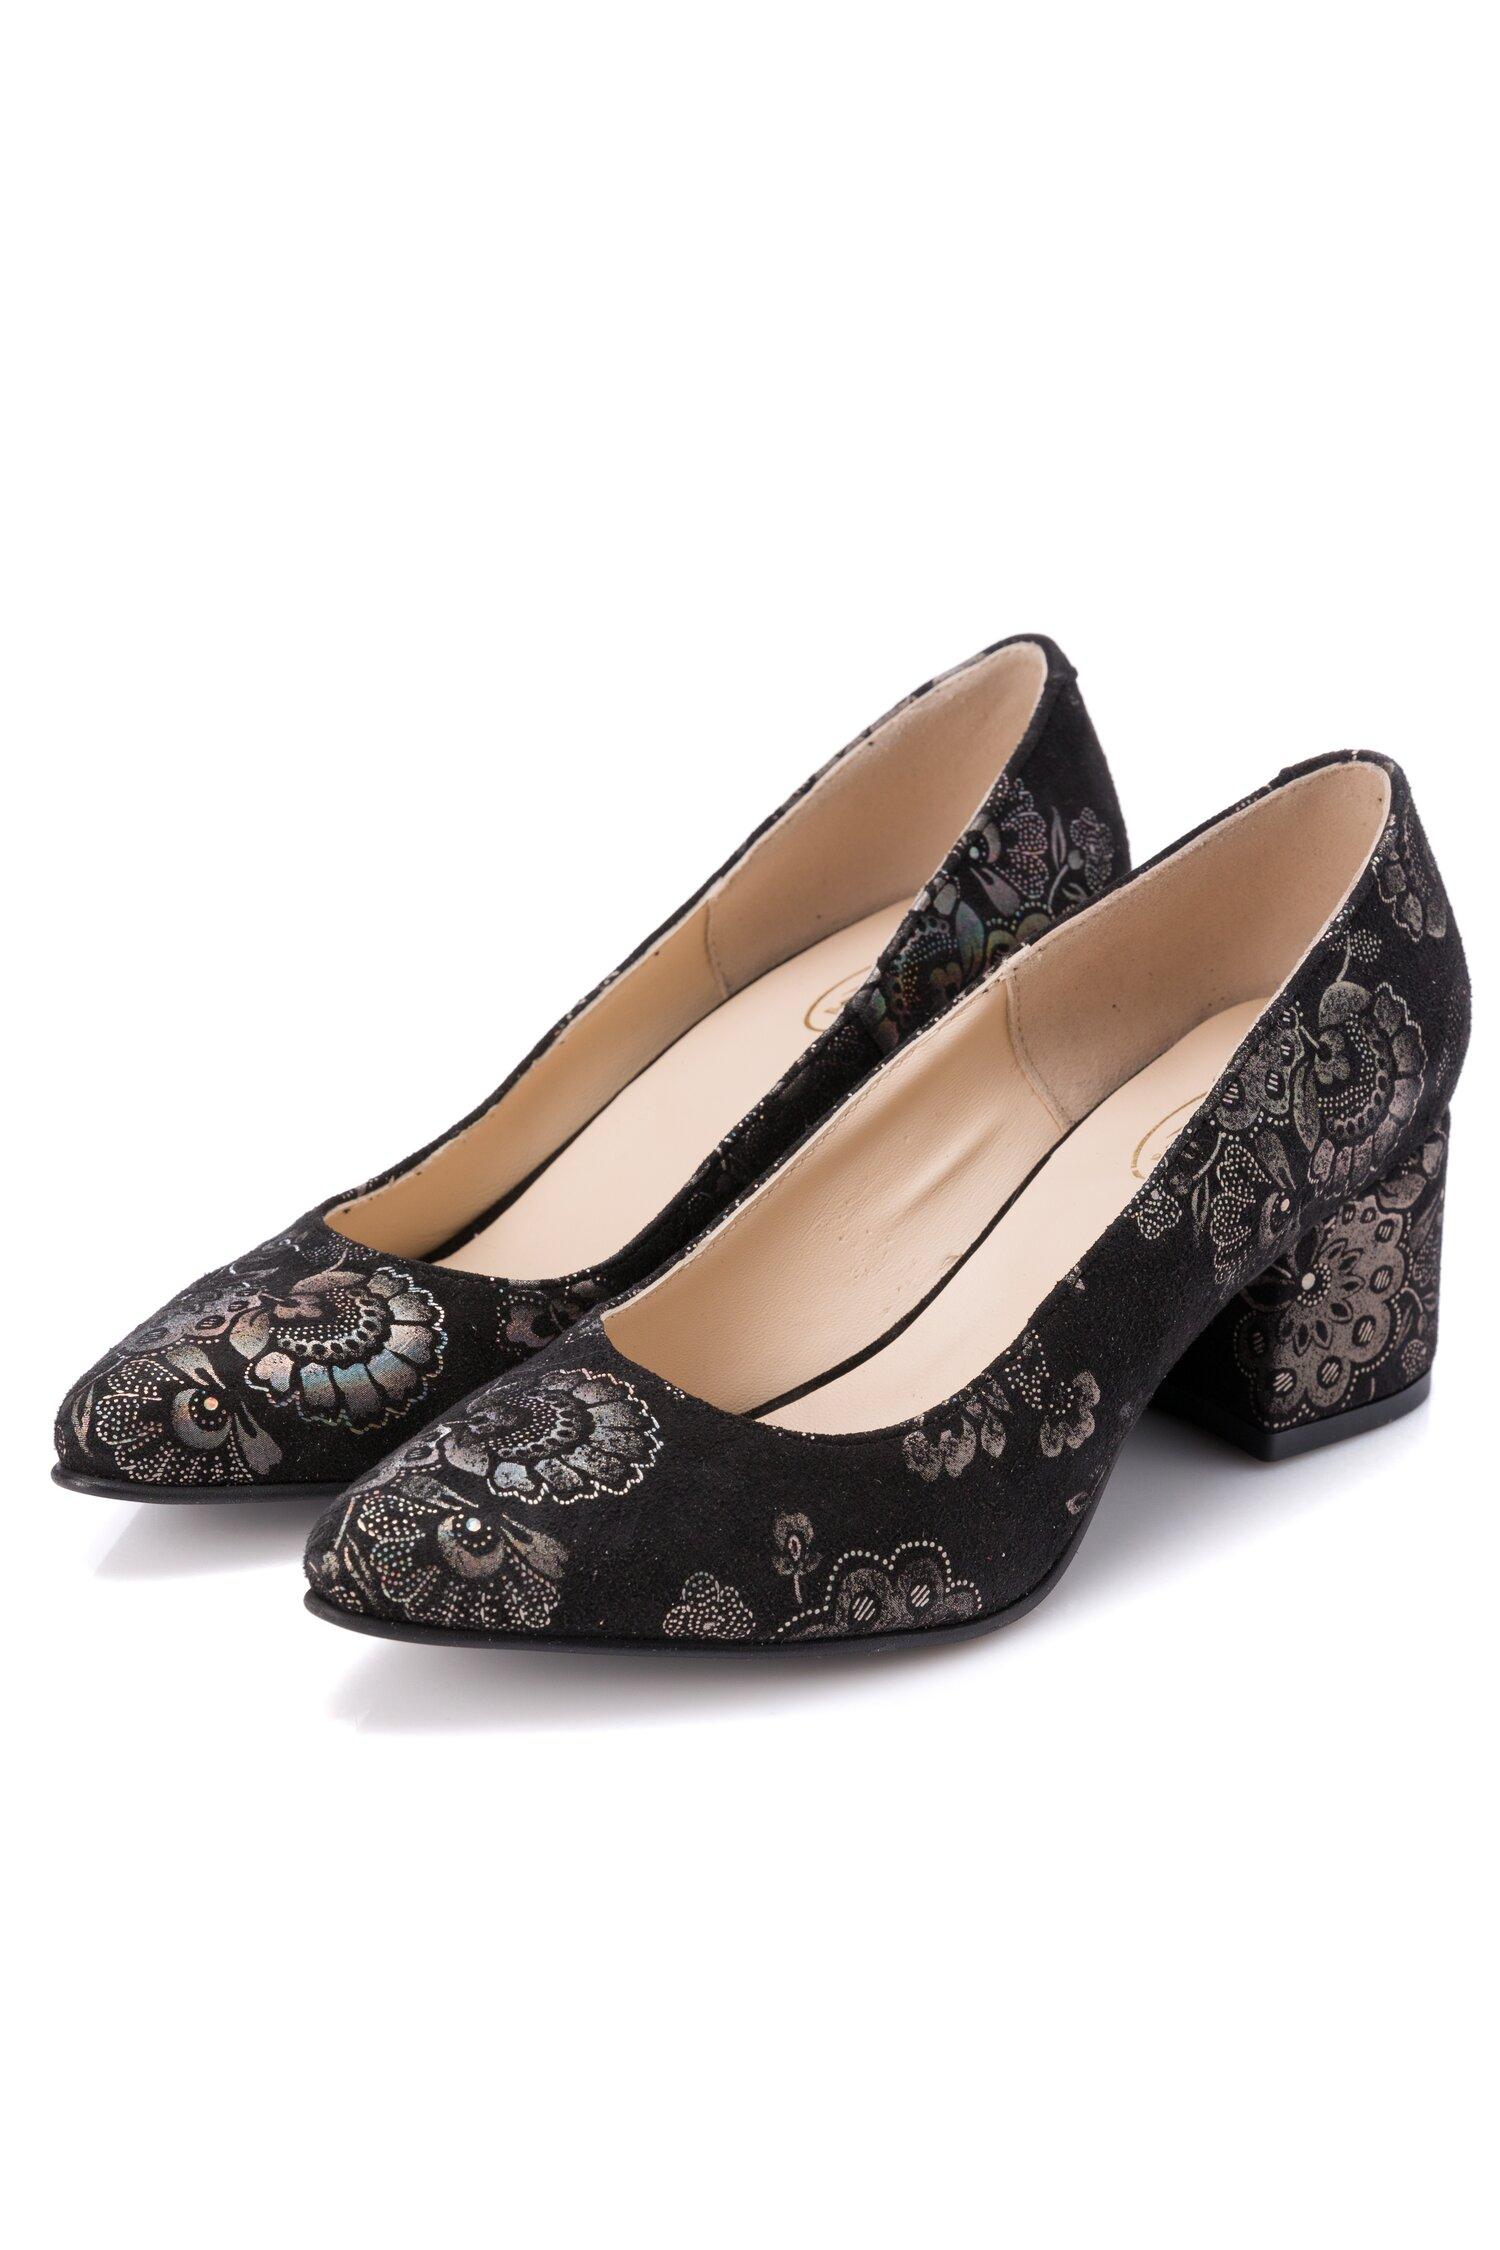 Pantofi Clara negri cu imprimeu floral stralucitor